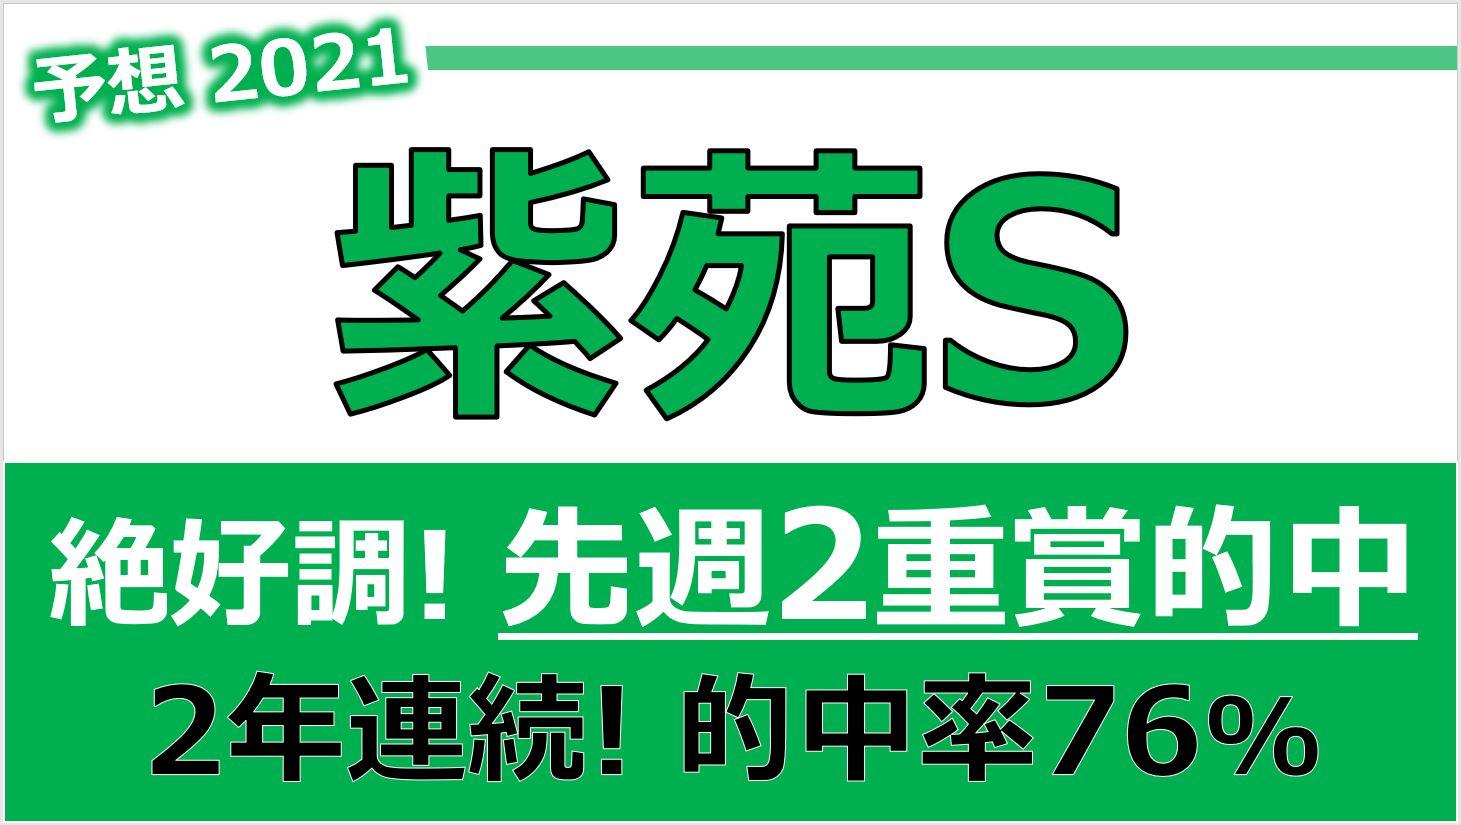 【重賞】紫苑ステークス2021 驚異! 年間回収率 125%